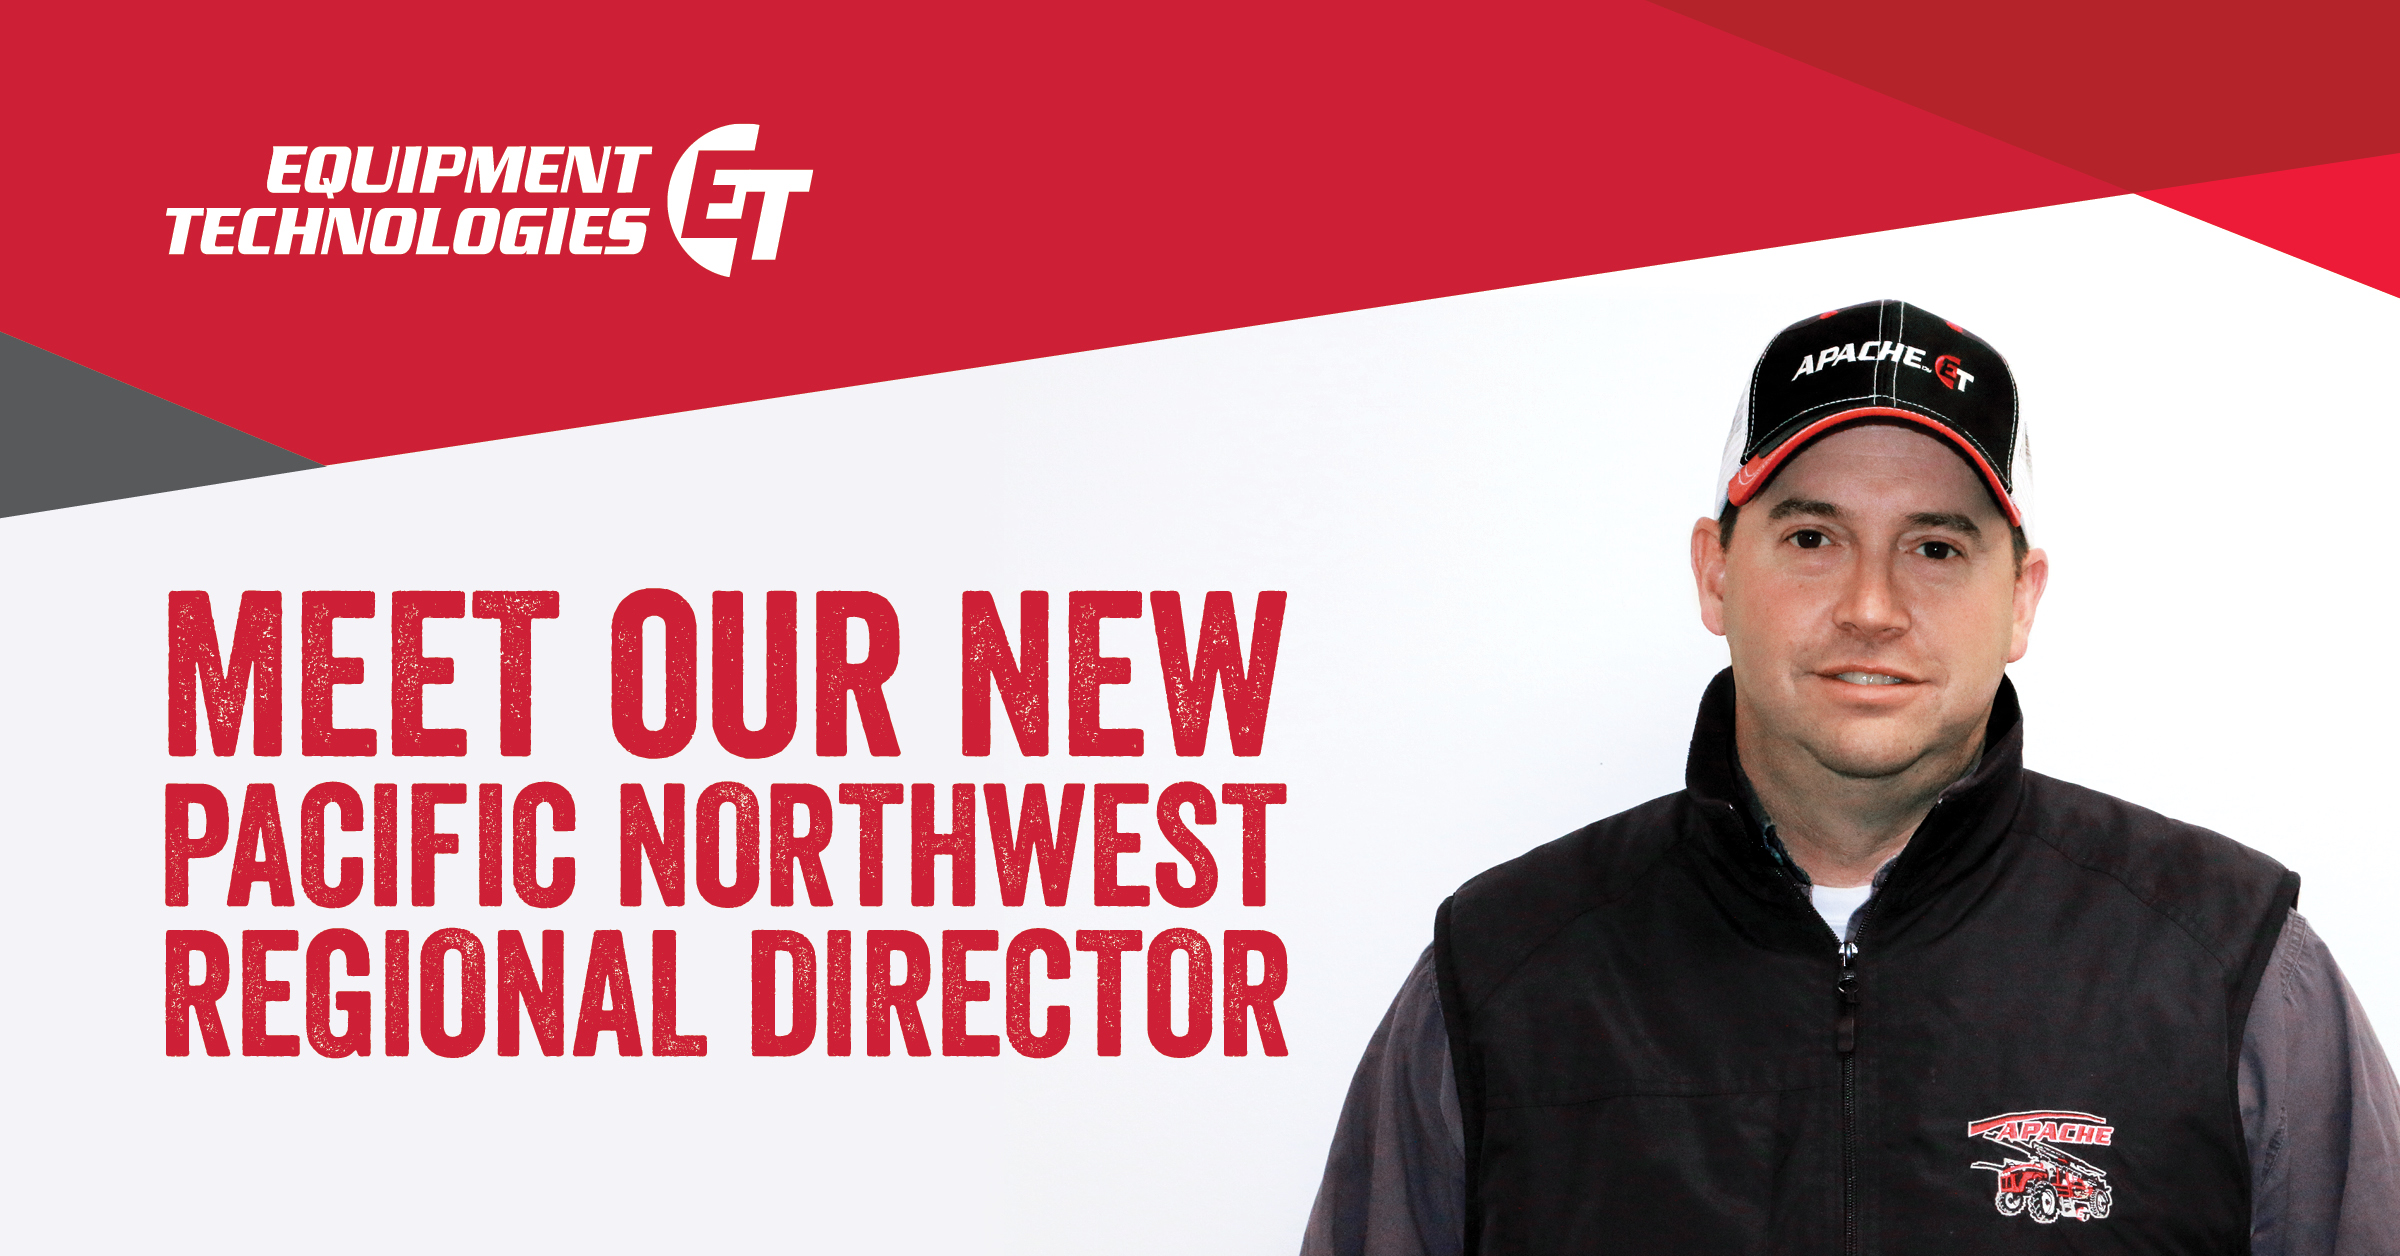 New Regional Director - Cam Sweeney